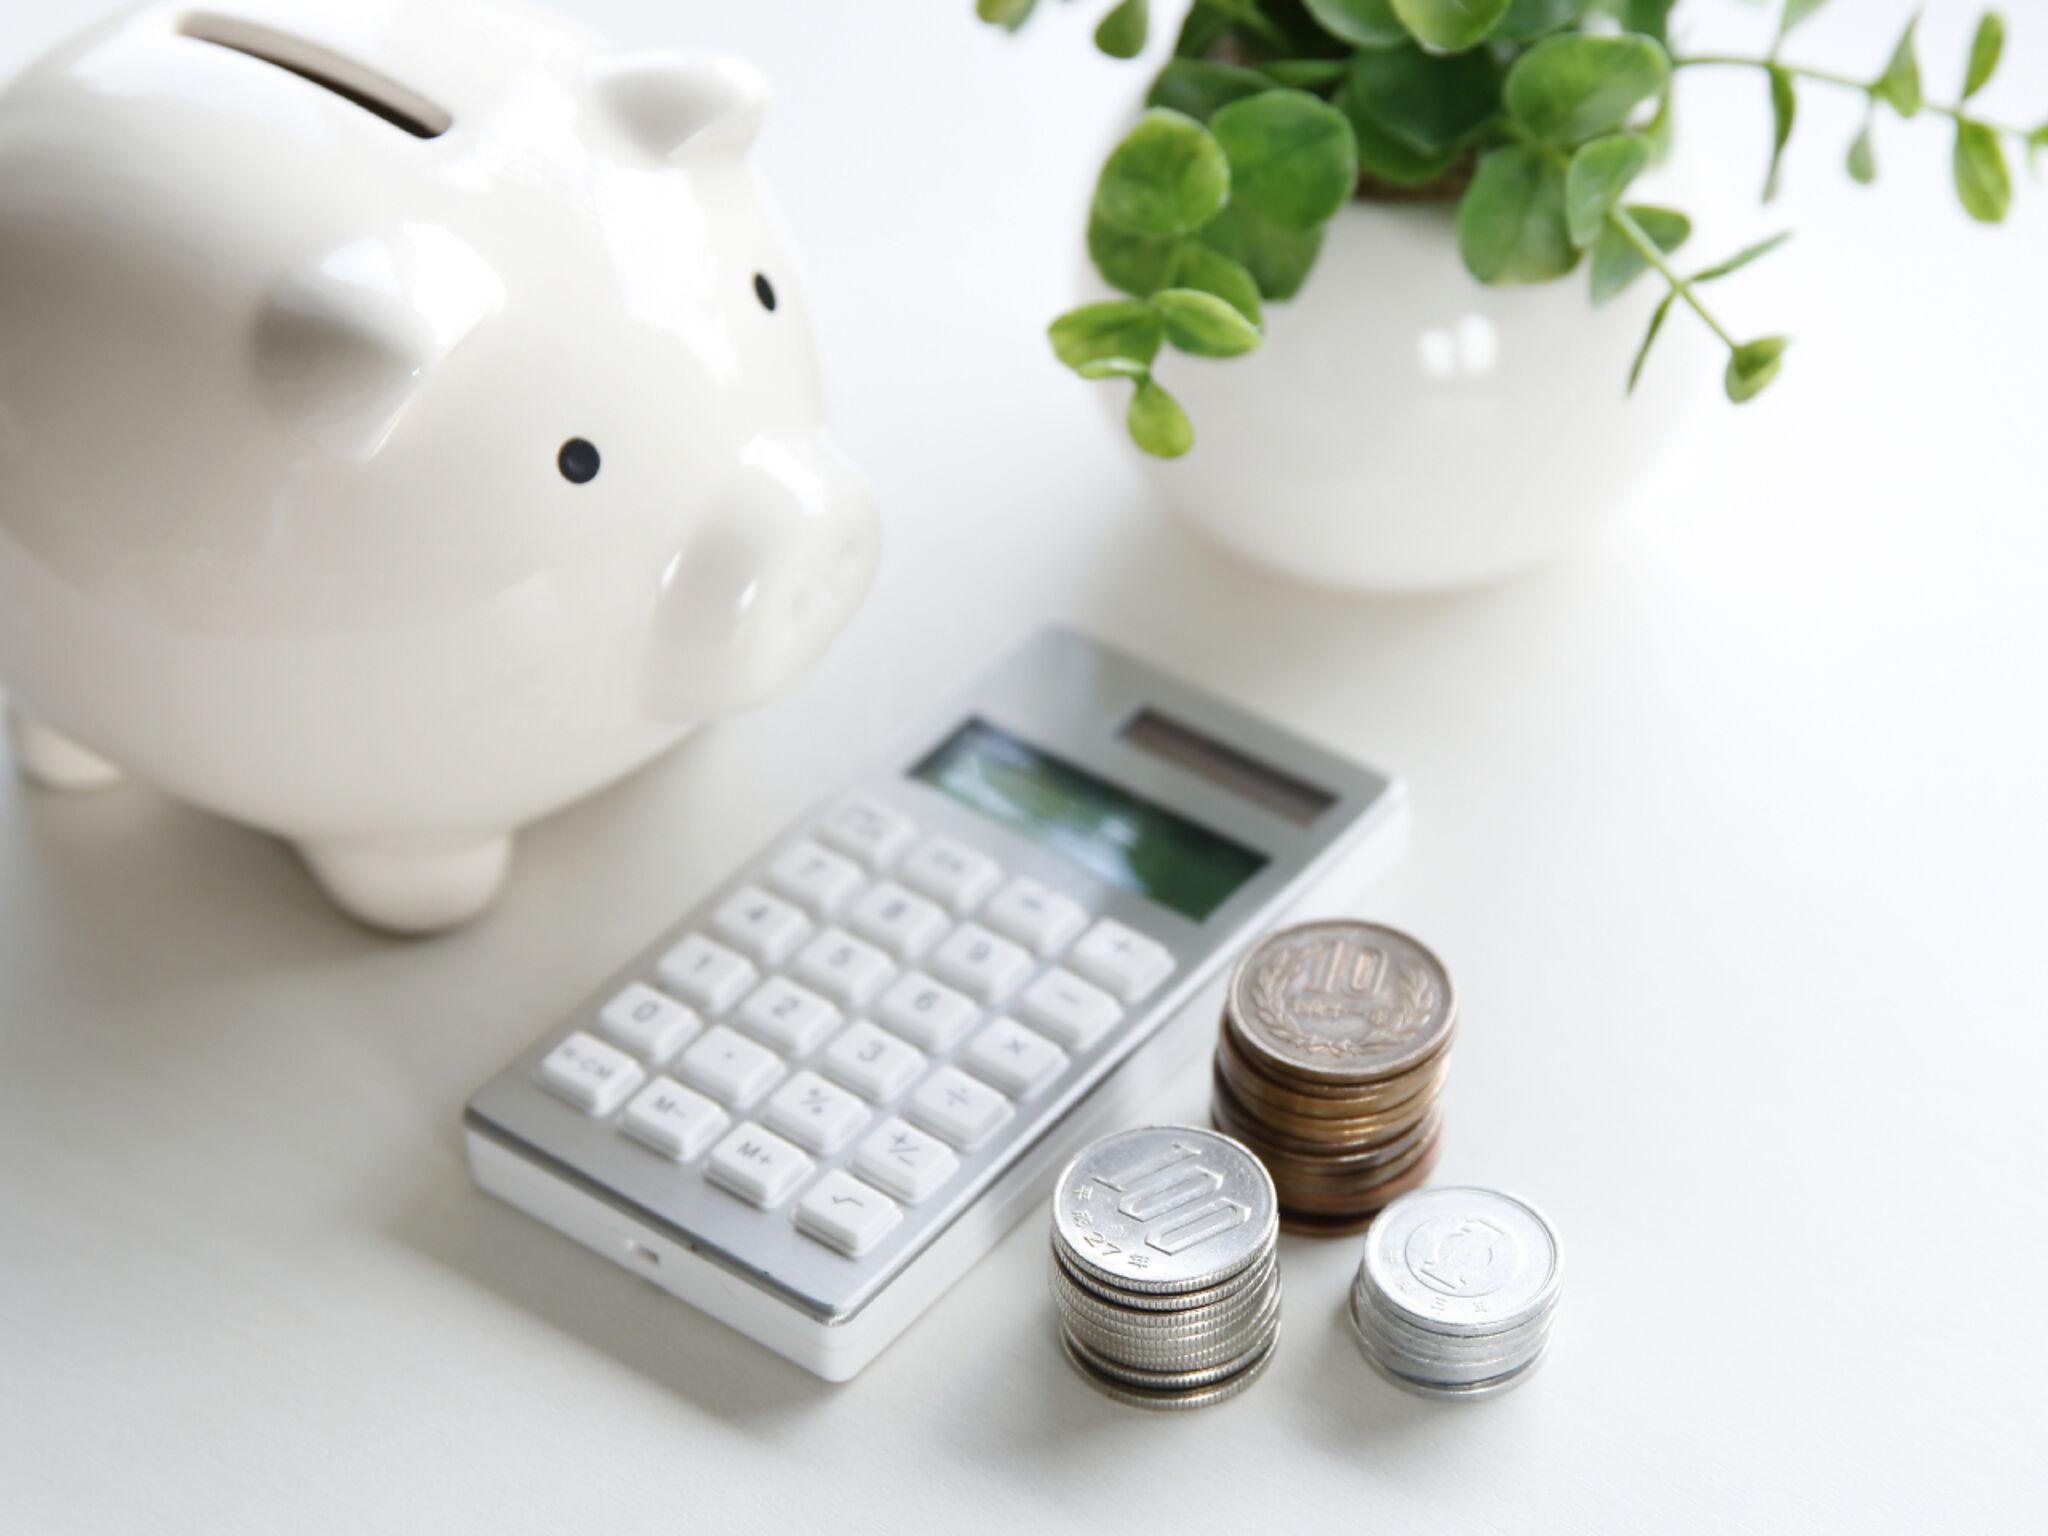 貯金箱と計算機と小銭の画像